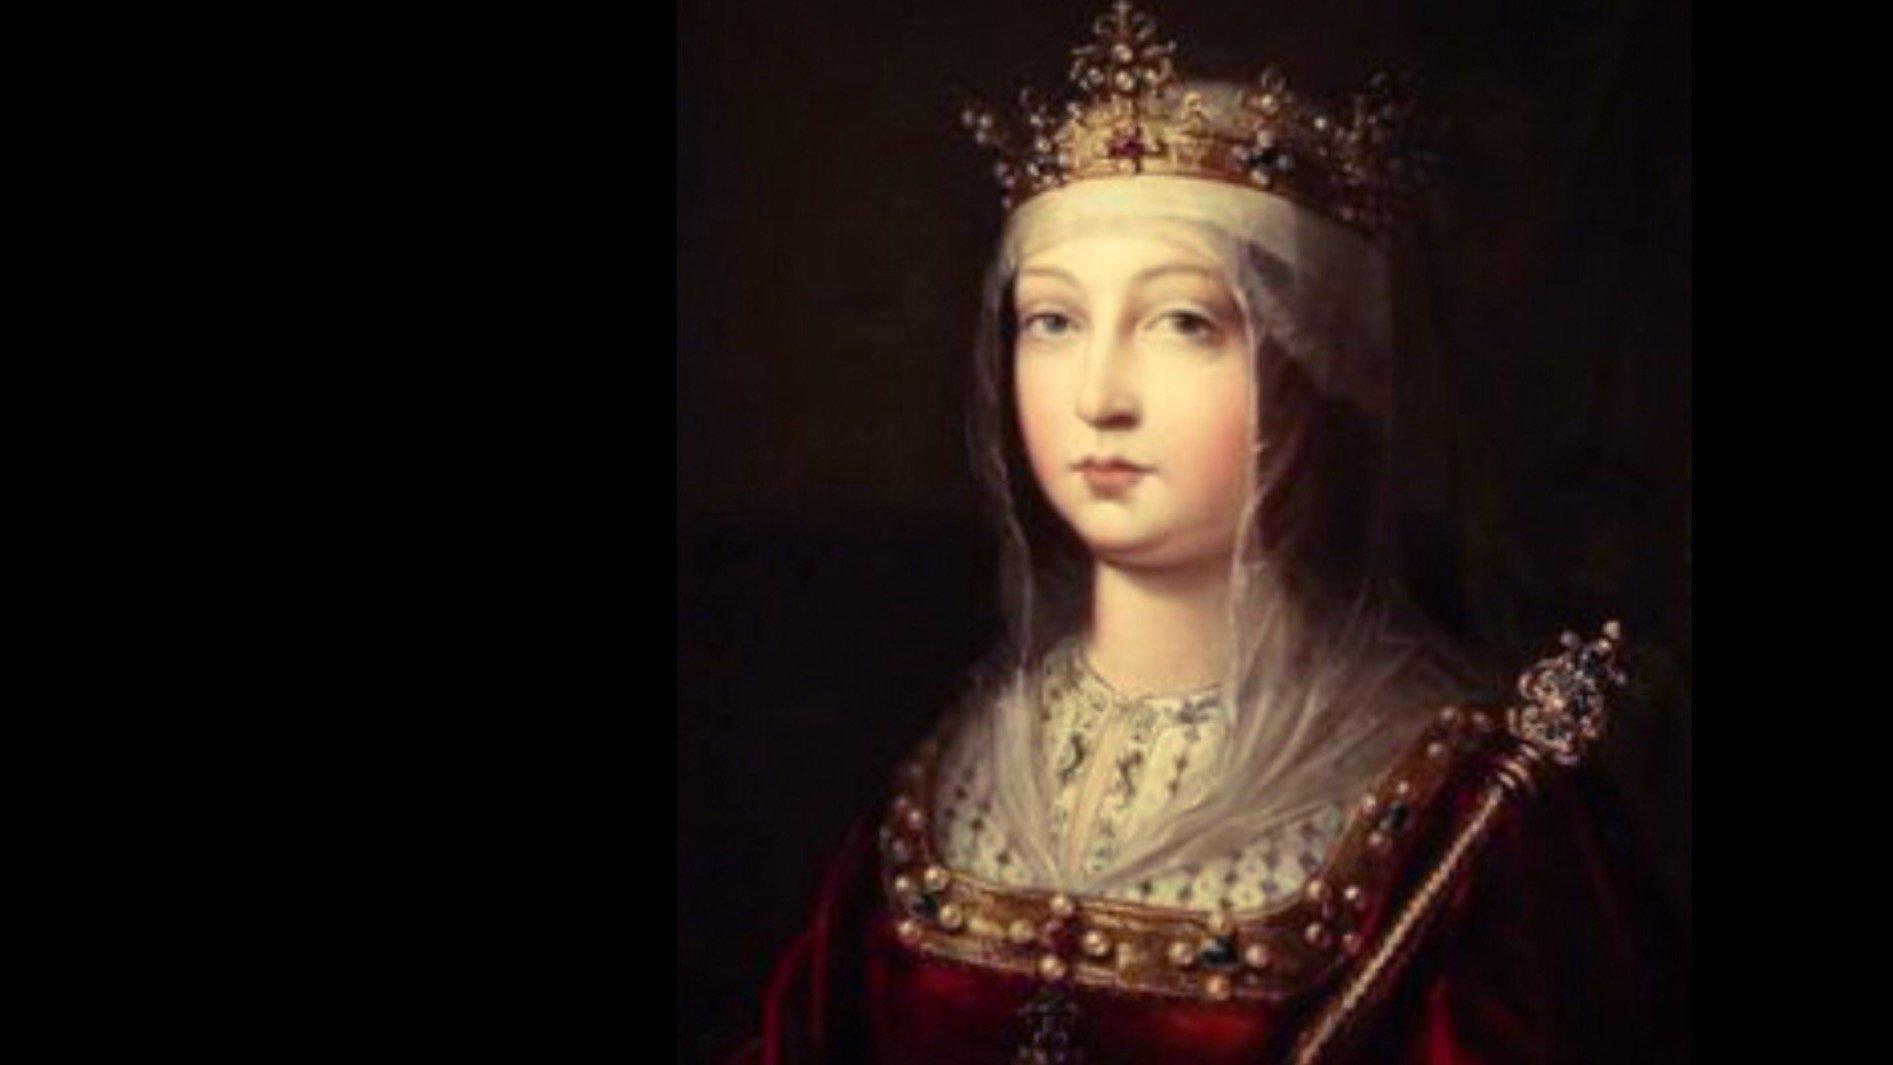 Los obispos andaluces reactivan la beatificación de Isabel la Católica